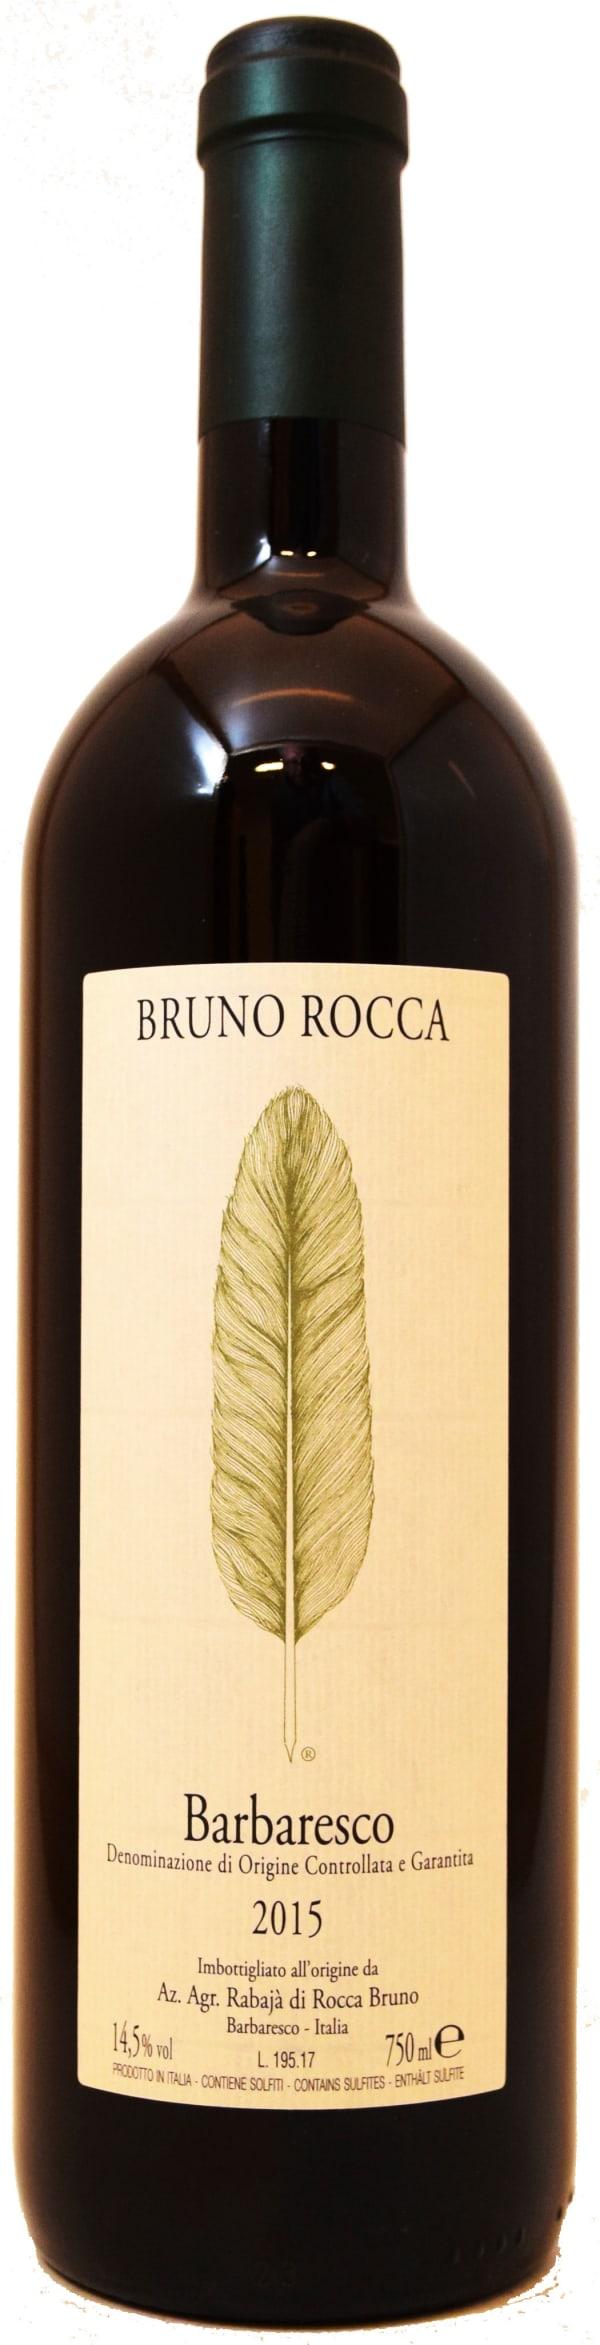 Bruno Rocca Barbaresco 2015